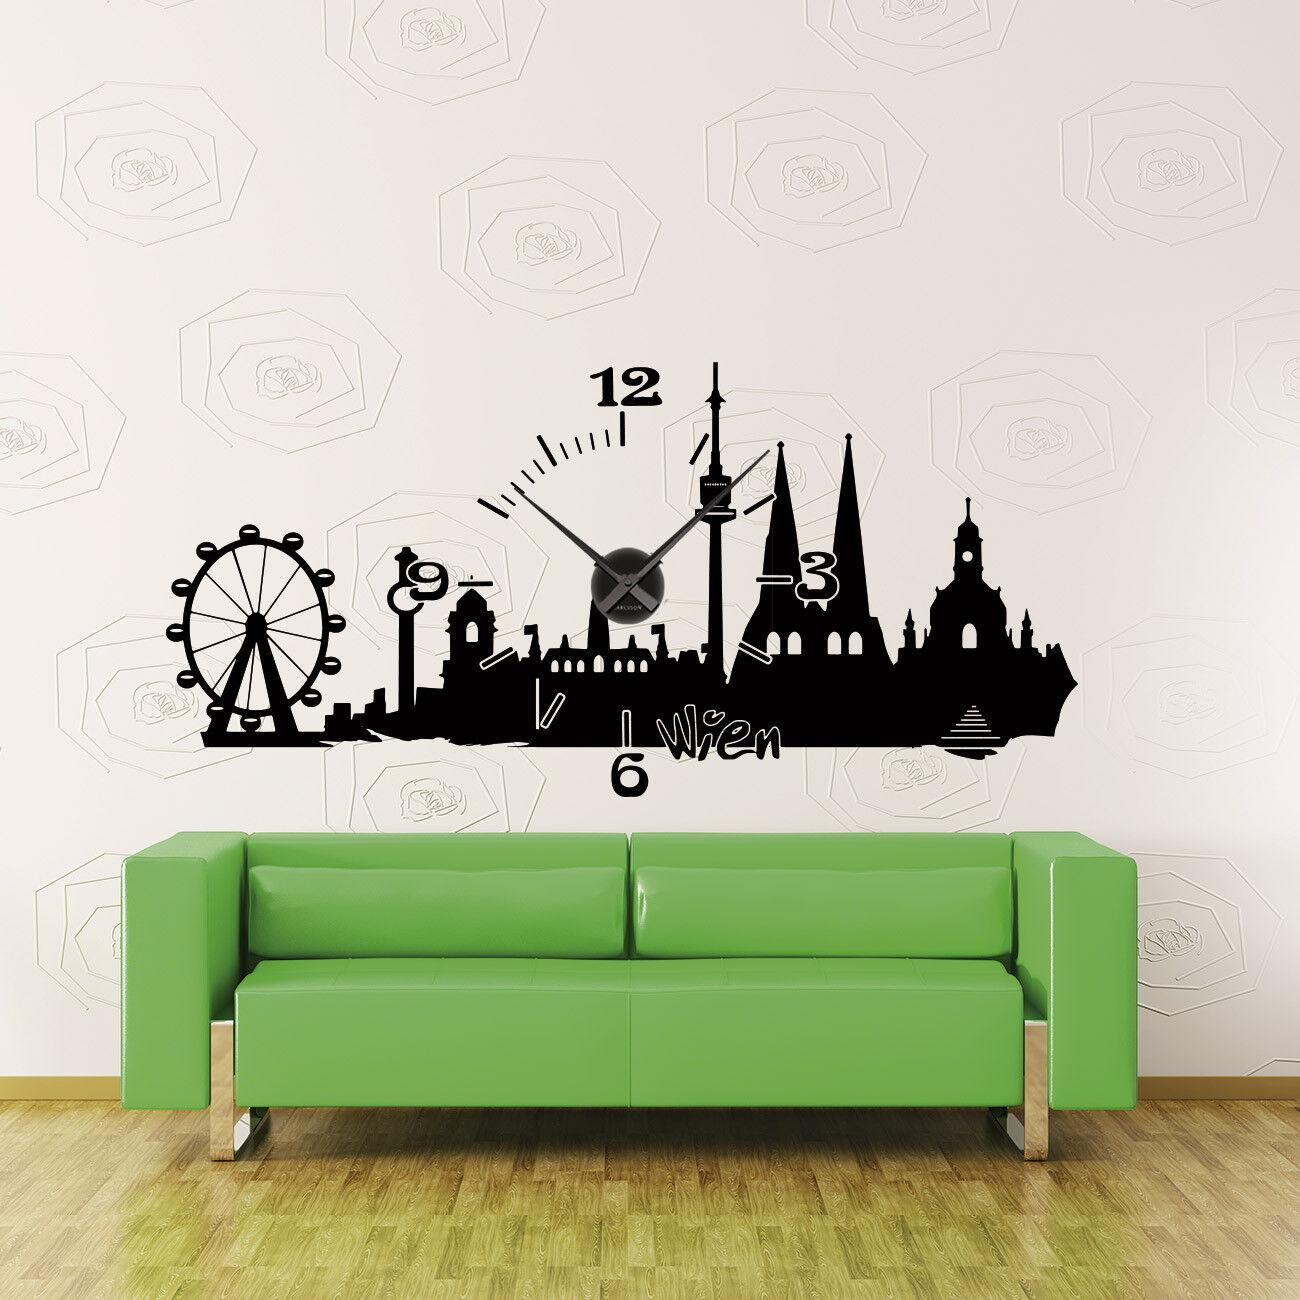 Horloge Mural +400+ KARLSSON horloge Skyline Vienne Autriche Austria Clock +400+ Mural 29af09